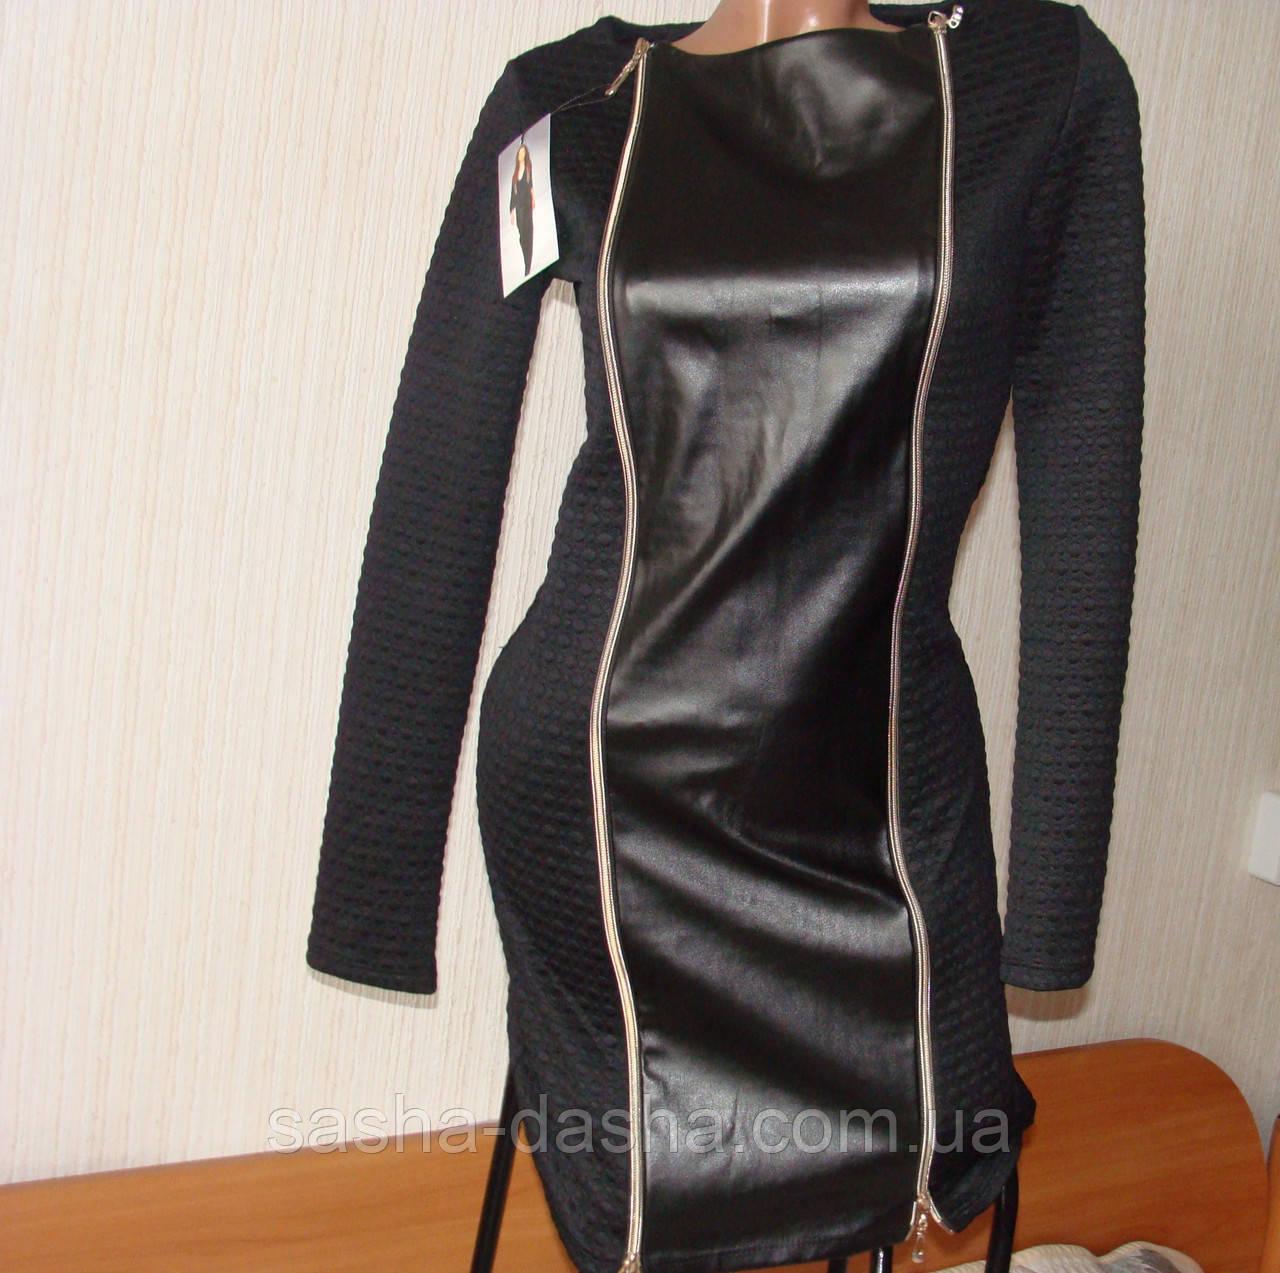 Качественные женские костюмы